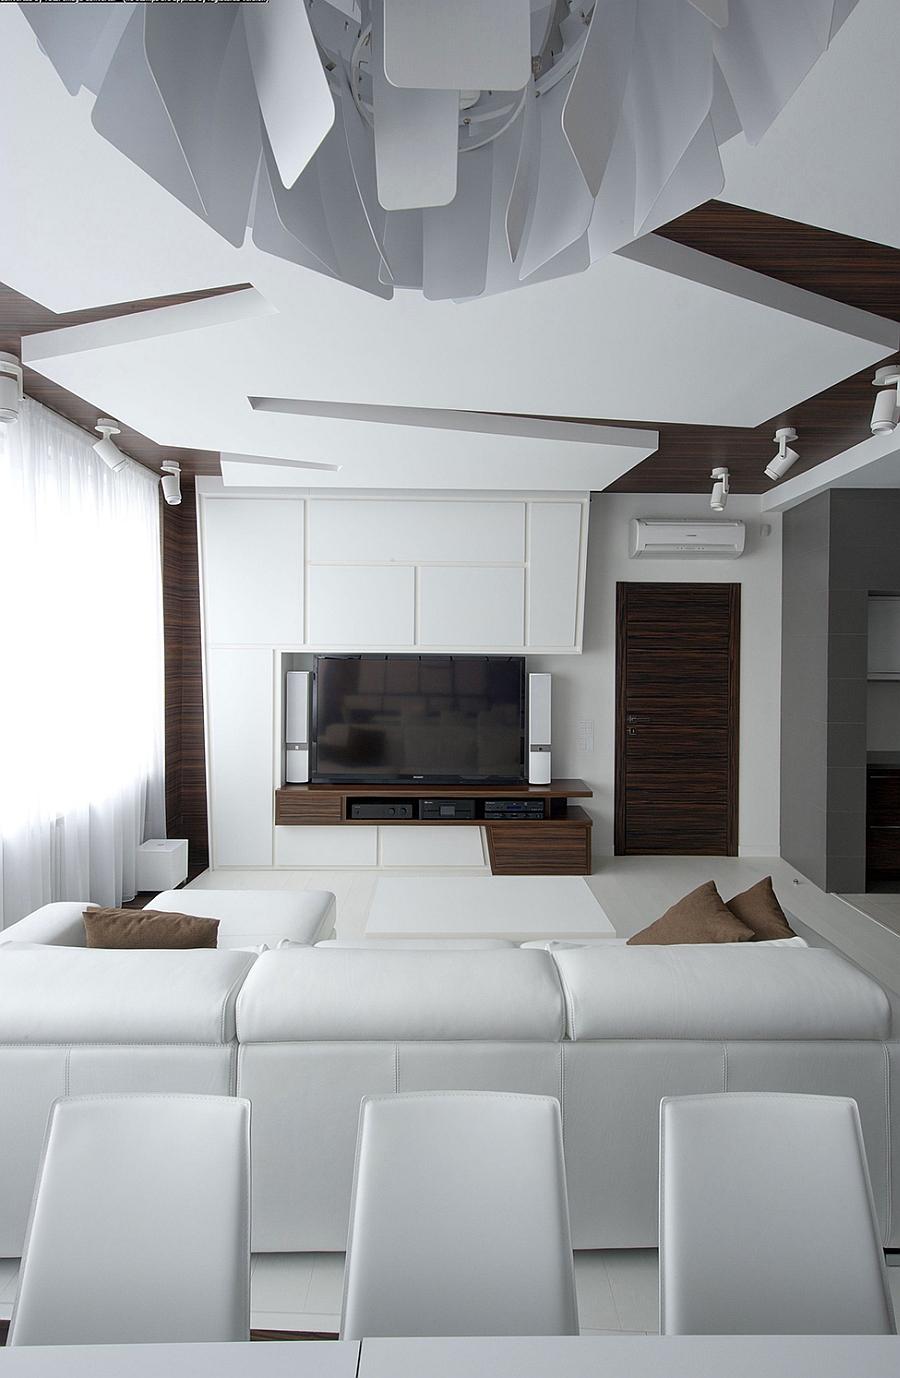 apartament-v-moskva-pokazva-zabelejitelen-dizain-5g